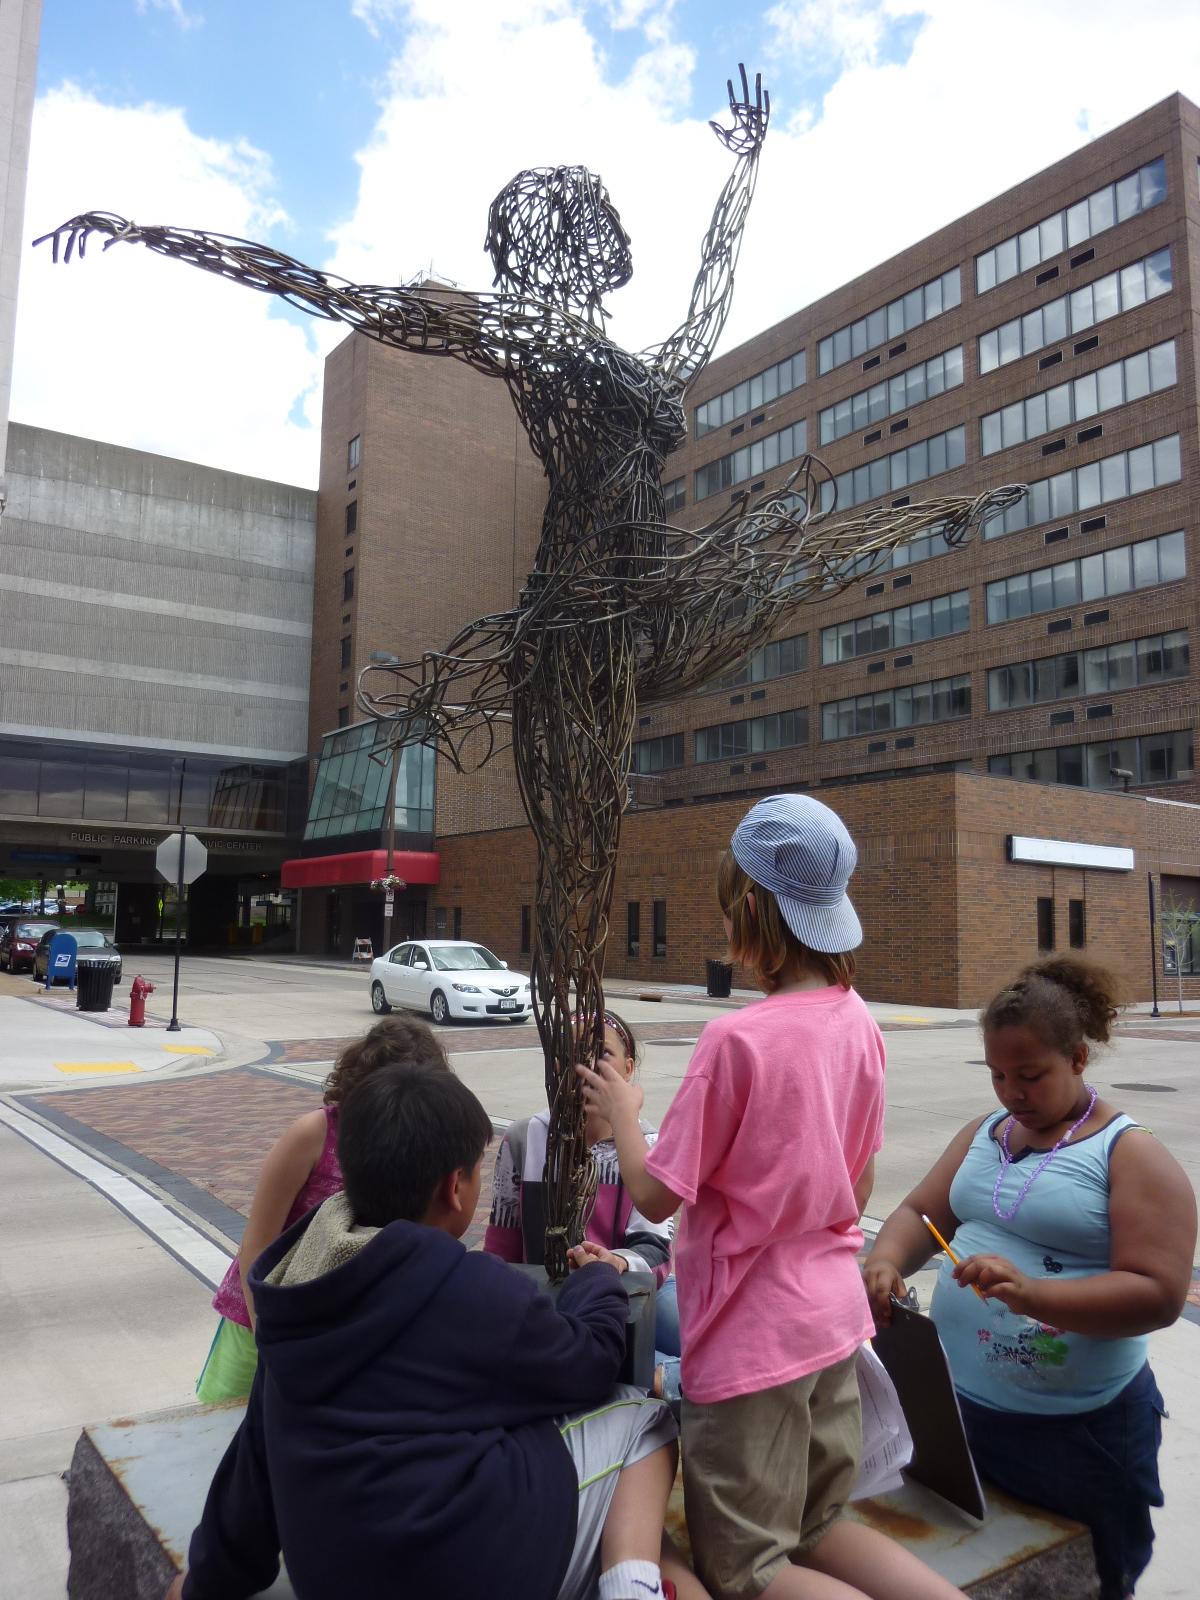 Children with dancer sculpture